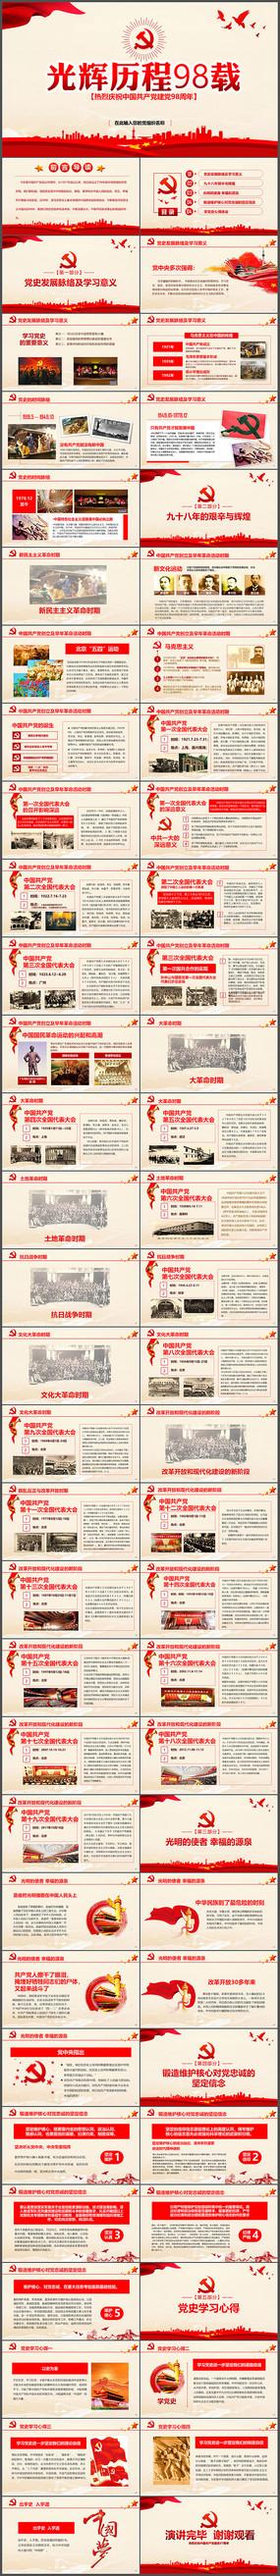 党的光辉历程建党98周年PPT